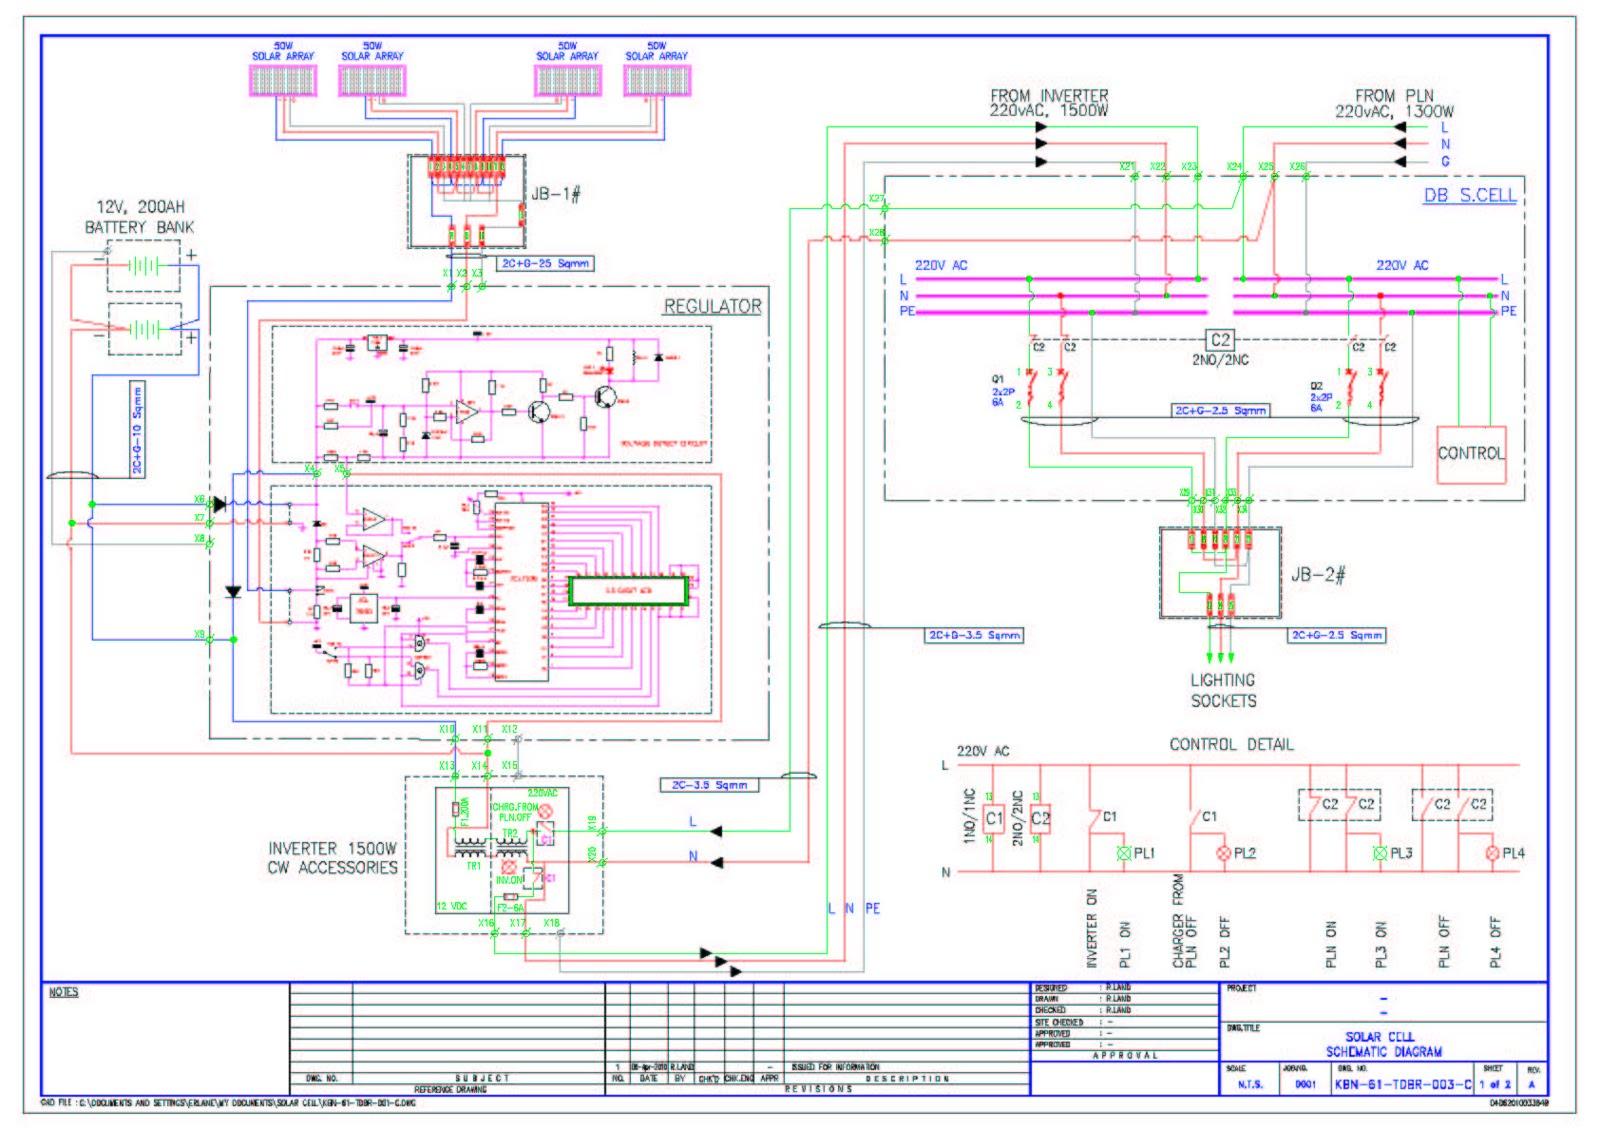 coriolis flow meter wiring diagram reversing drum switch international ac get free image about